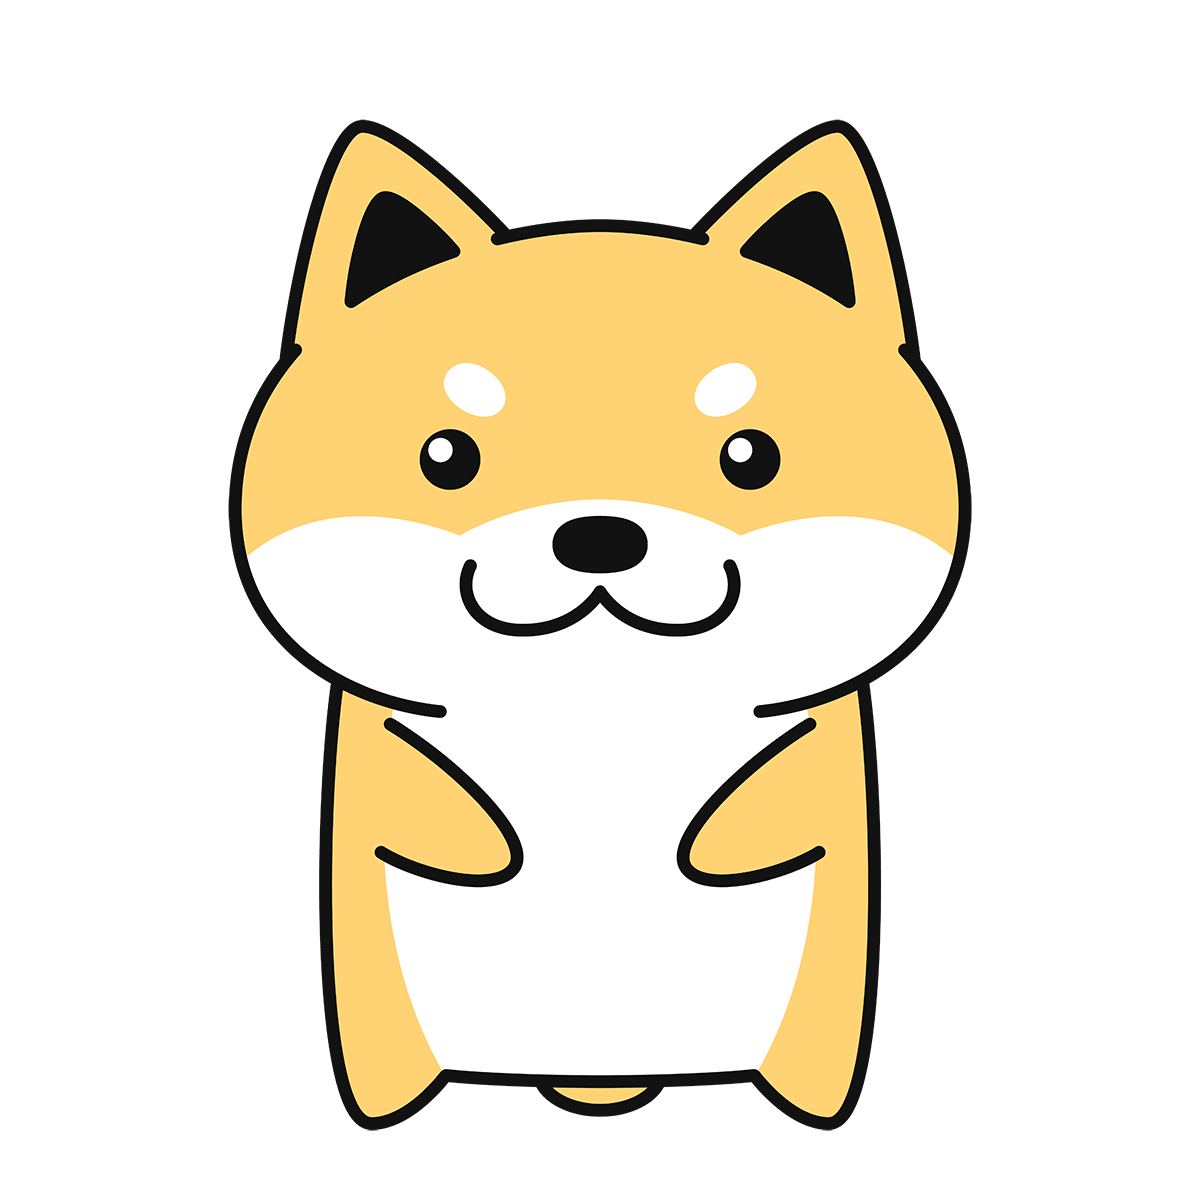 柴犬(コタロー)の無料イラスト